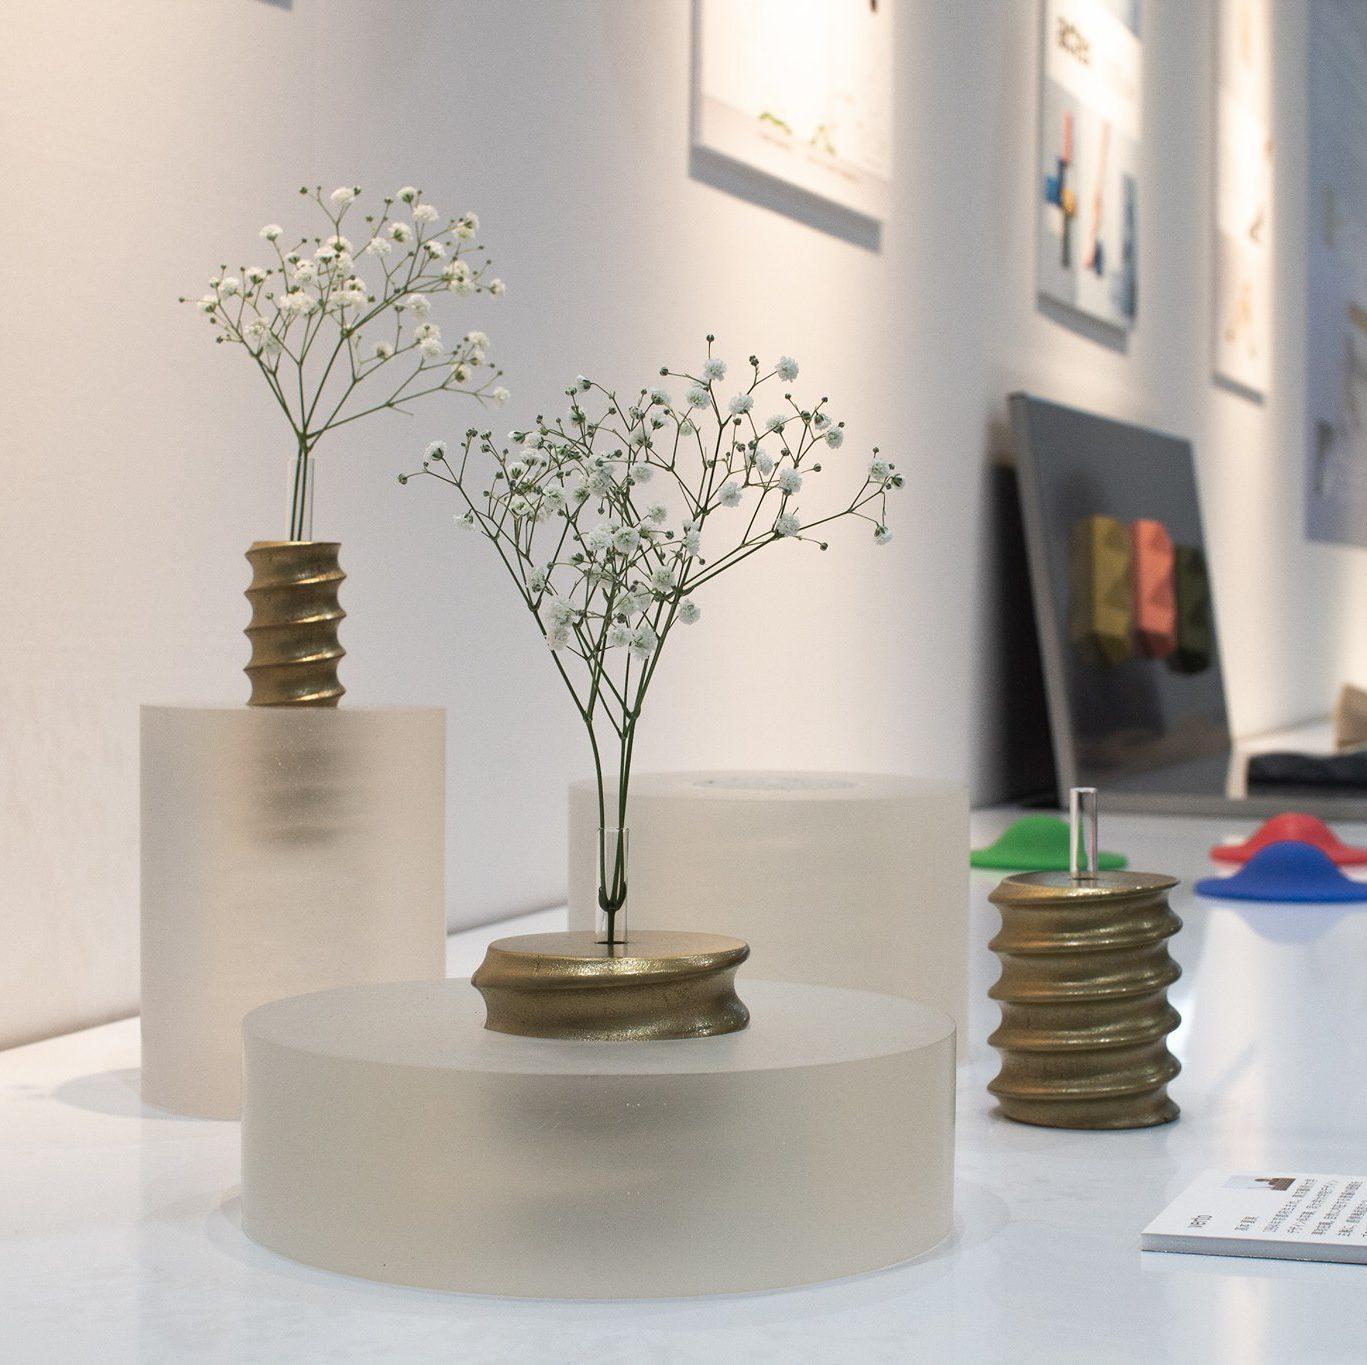 高本 夏実さん、「富山デザインウェーブ2018」にて作品展示!